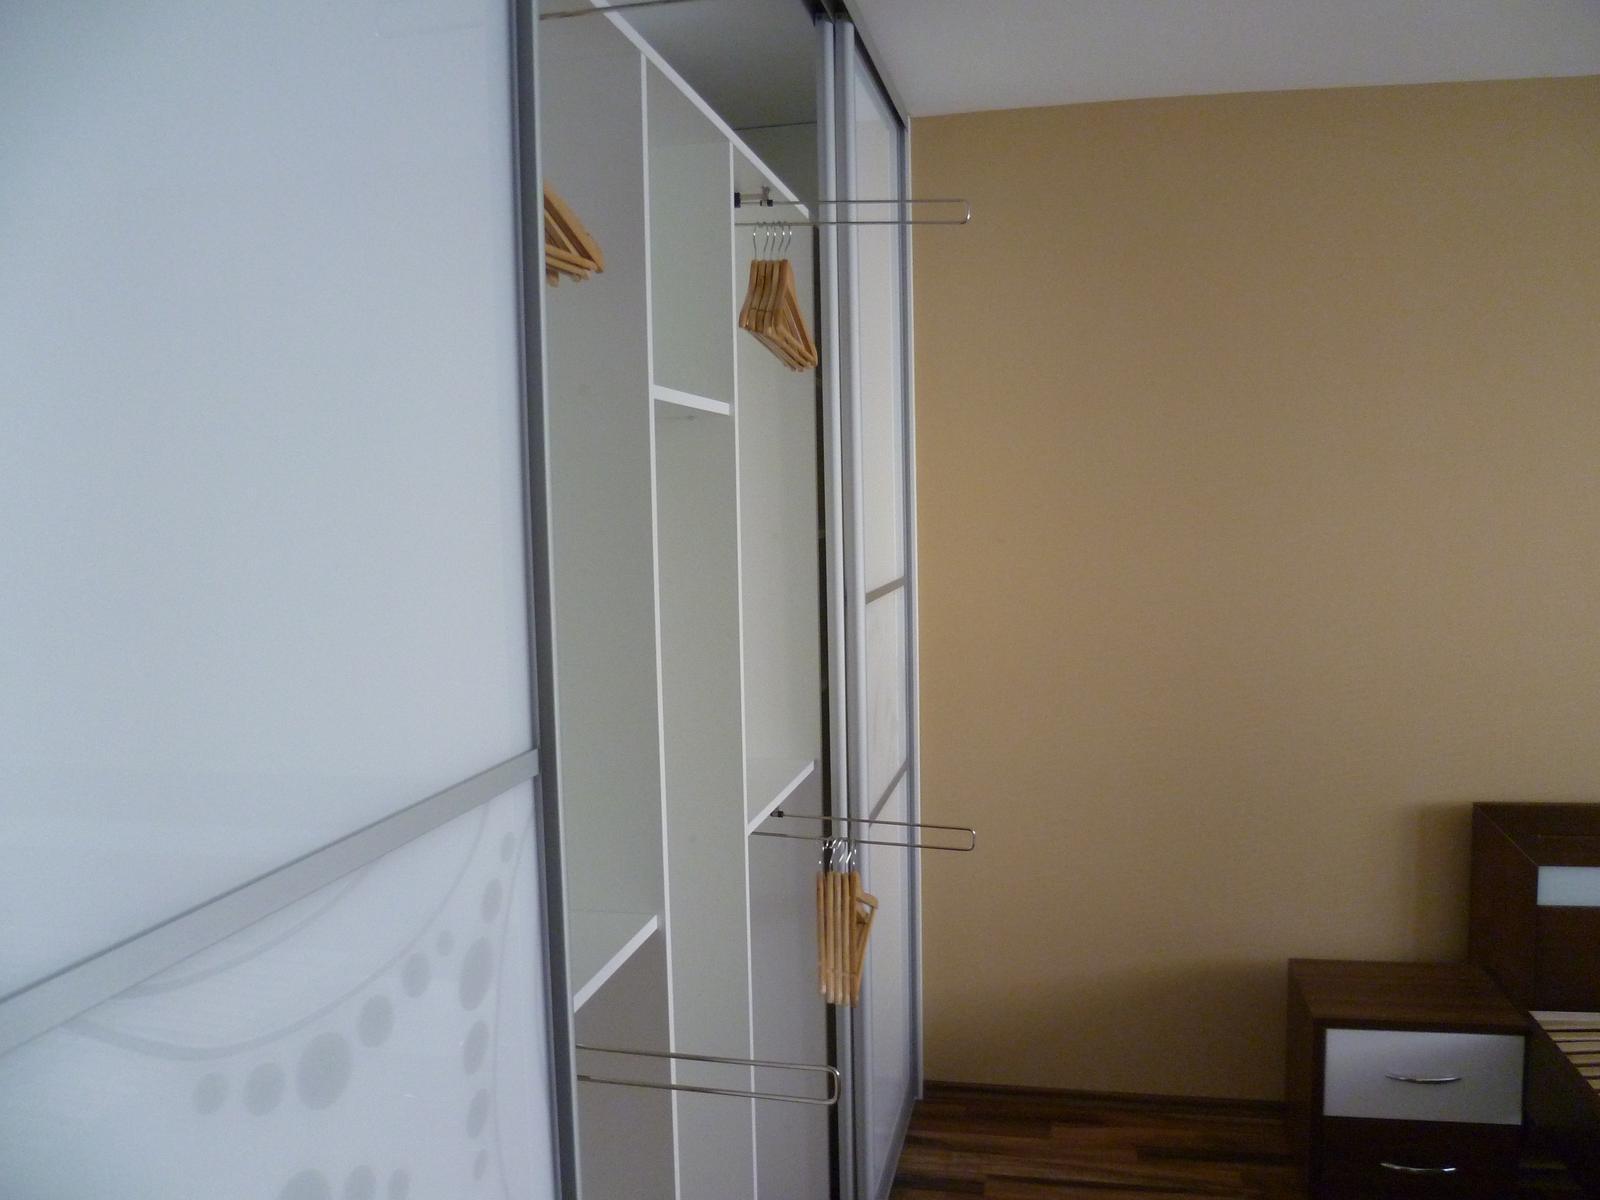 Vstavane skrine Hilkovič do spálne - Obrázok č. 13